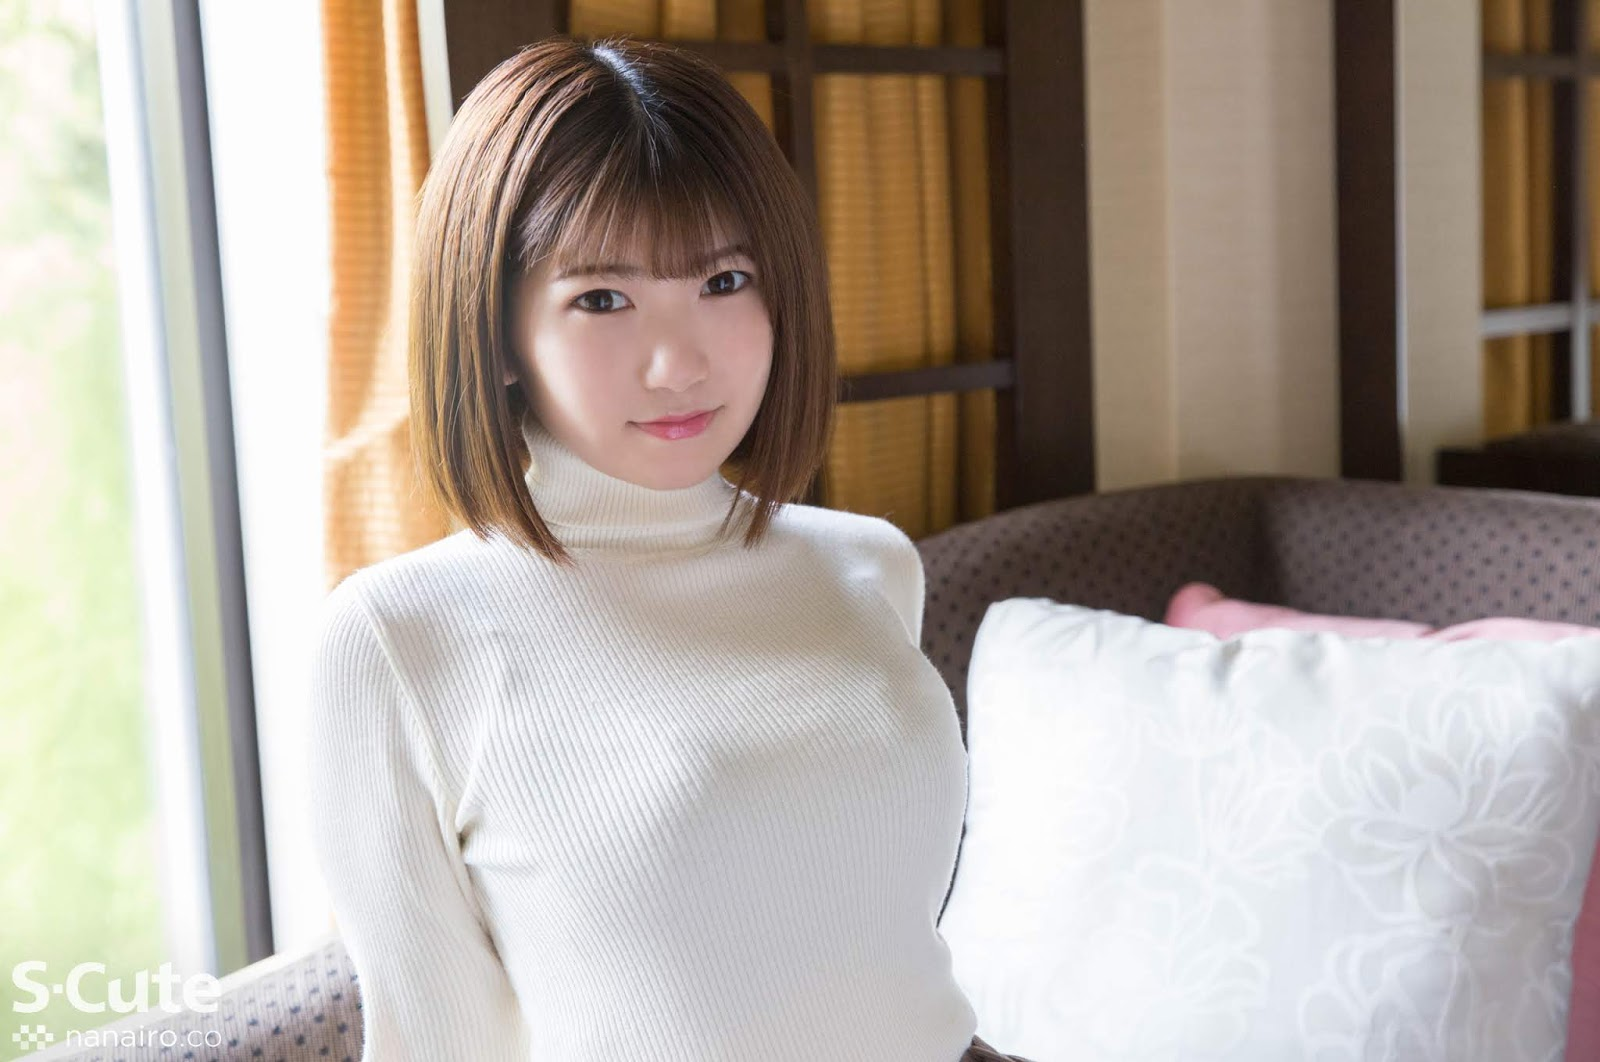 S-Cute 761_rina_02 本能のまま絡み合うセックス/Rina - idols